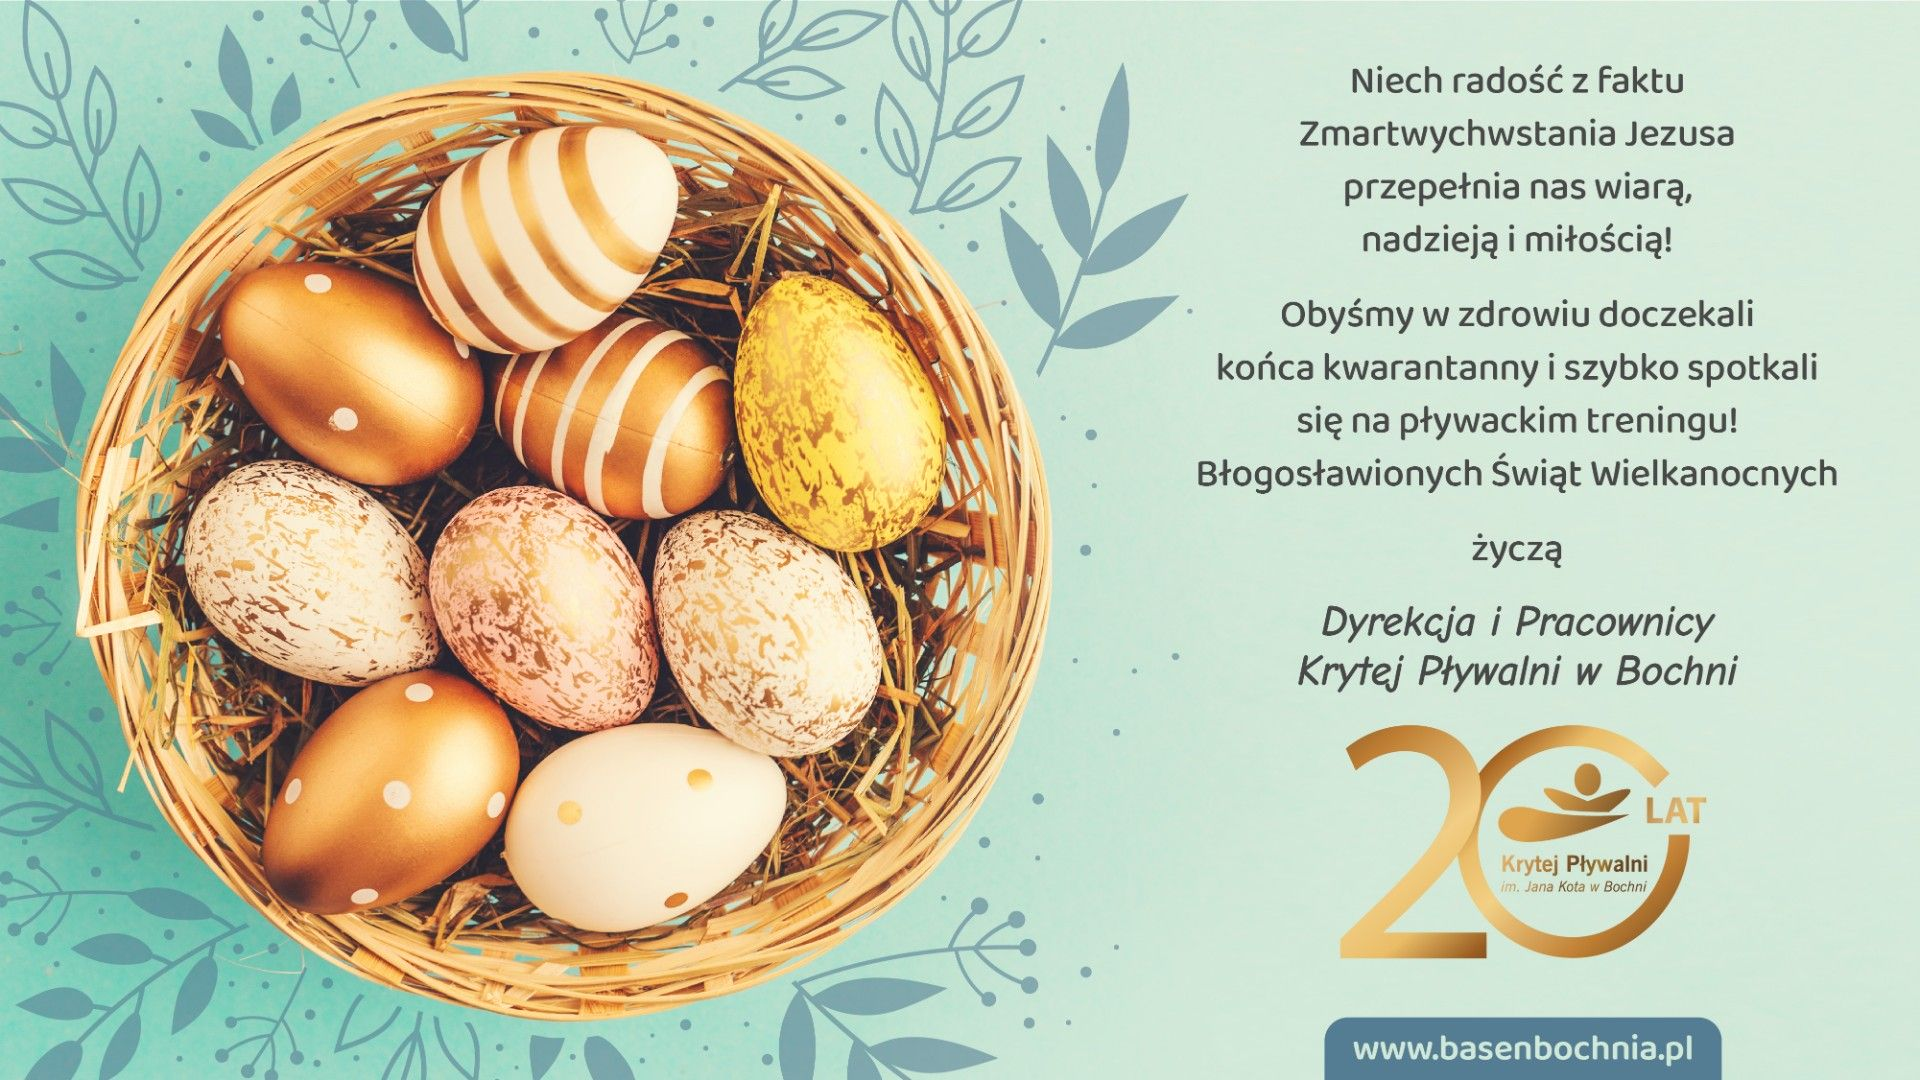 Życzenia Świąteczne Wielkanoc 2020